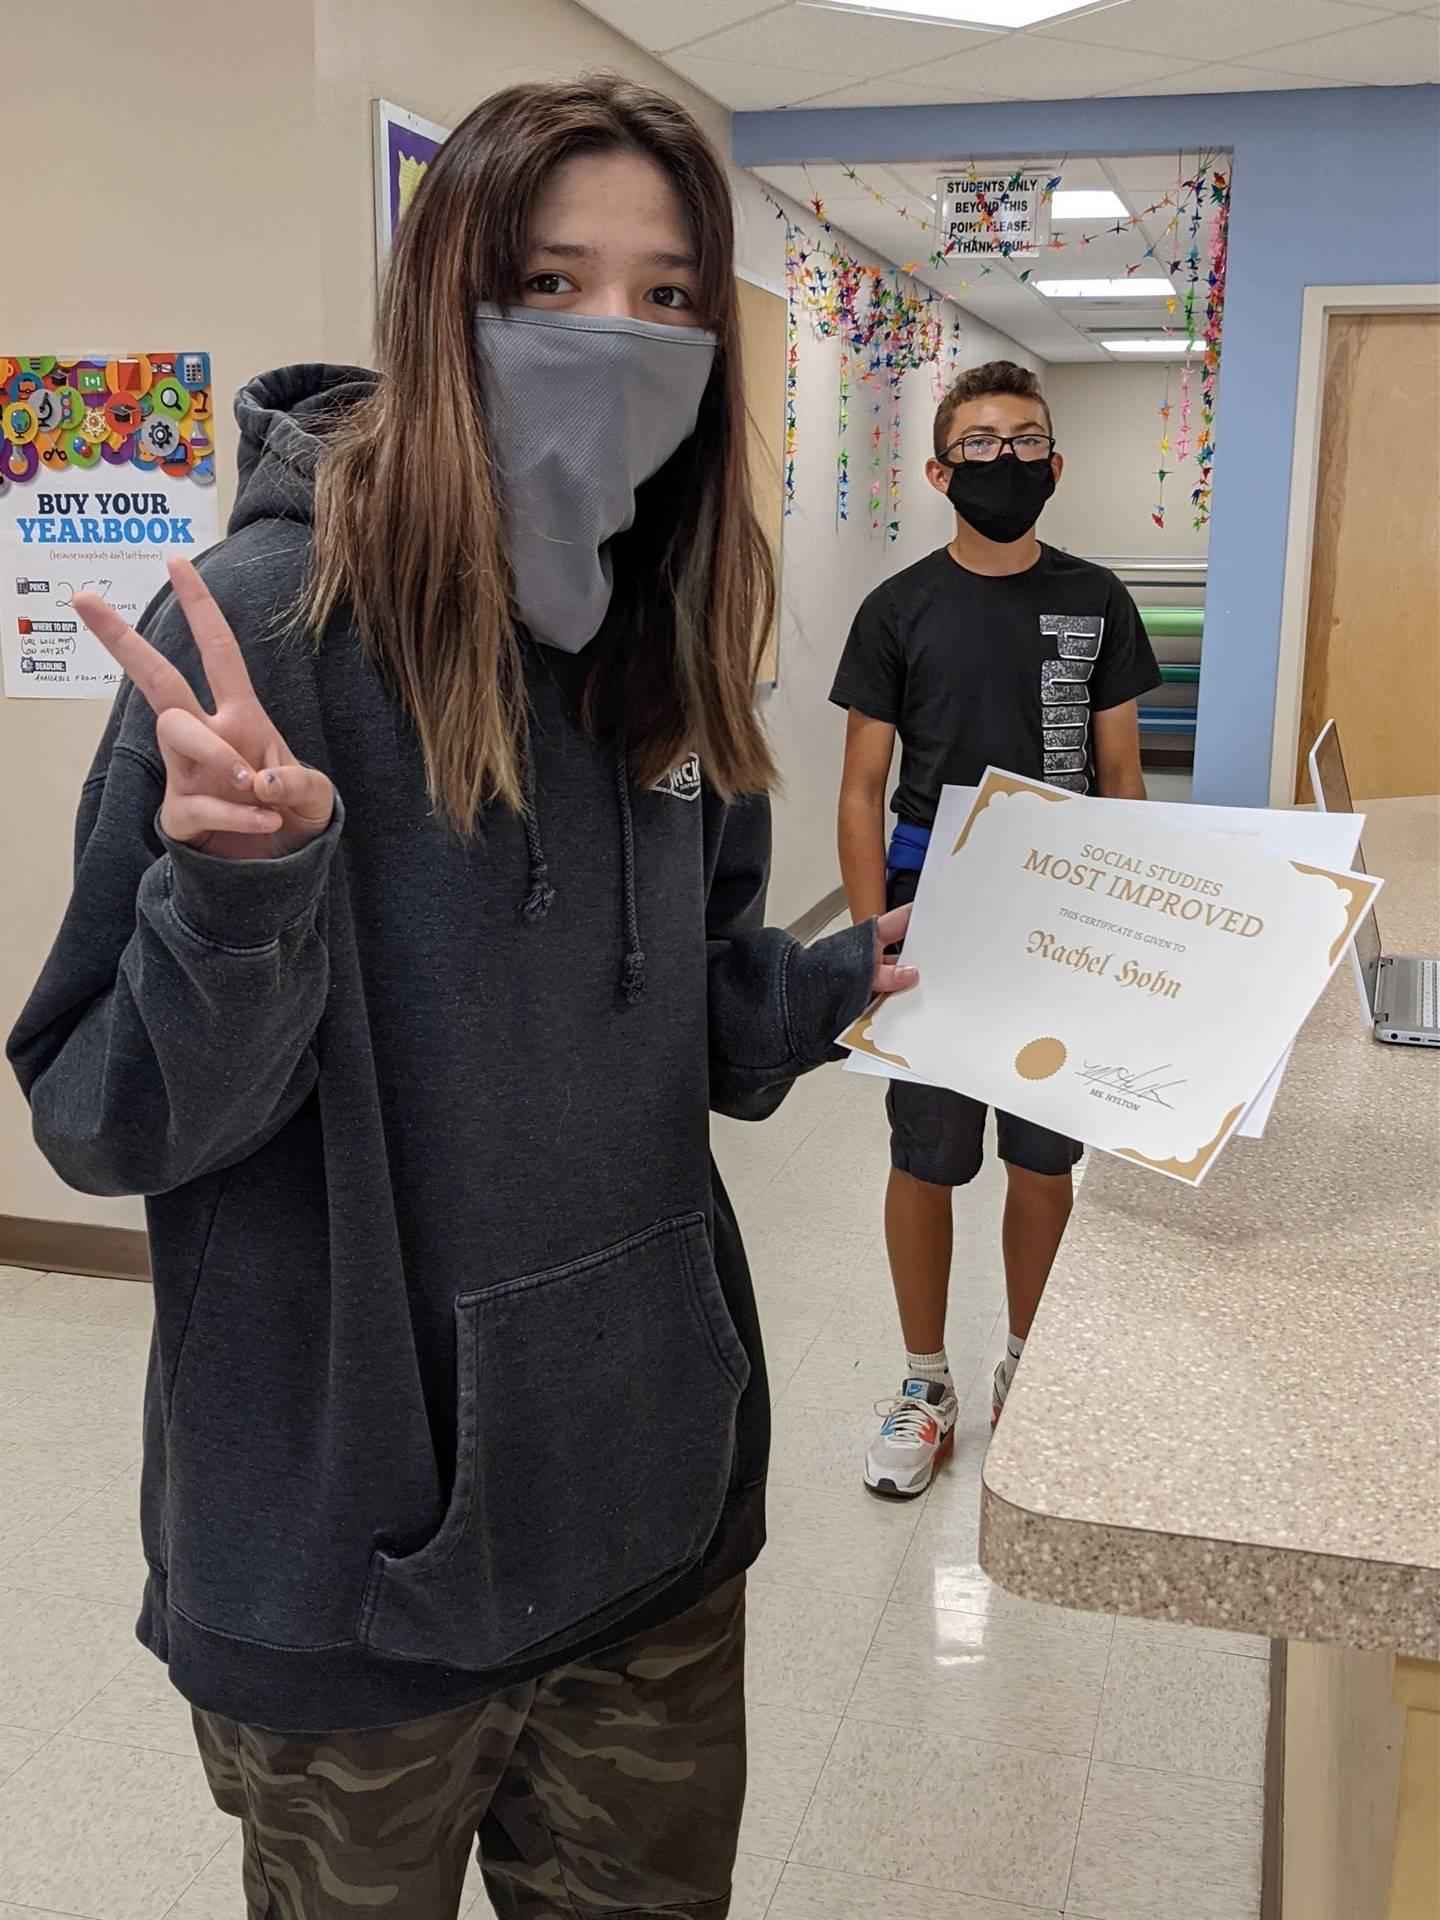 Receiving Award